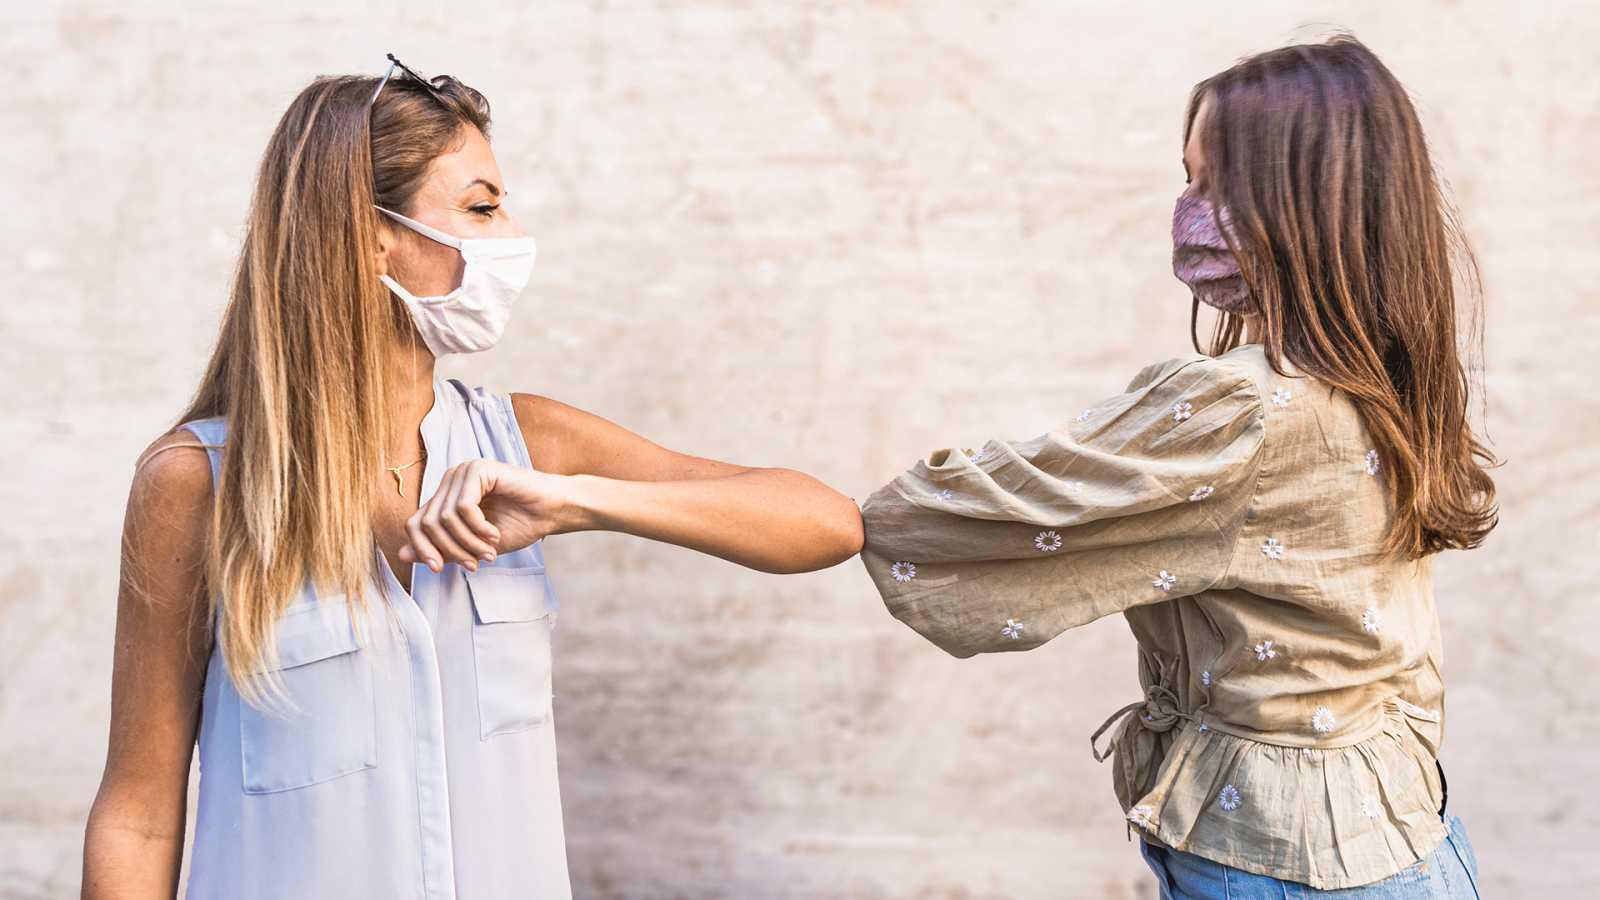 Hora América - Estudio Snap Friendship Report sobre el efecto de la pandemia en las amistades - 19/11/20 - Escuchar ahora